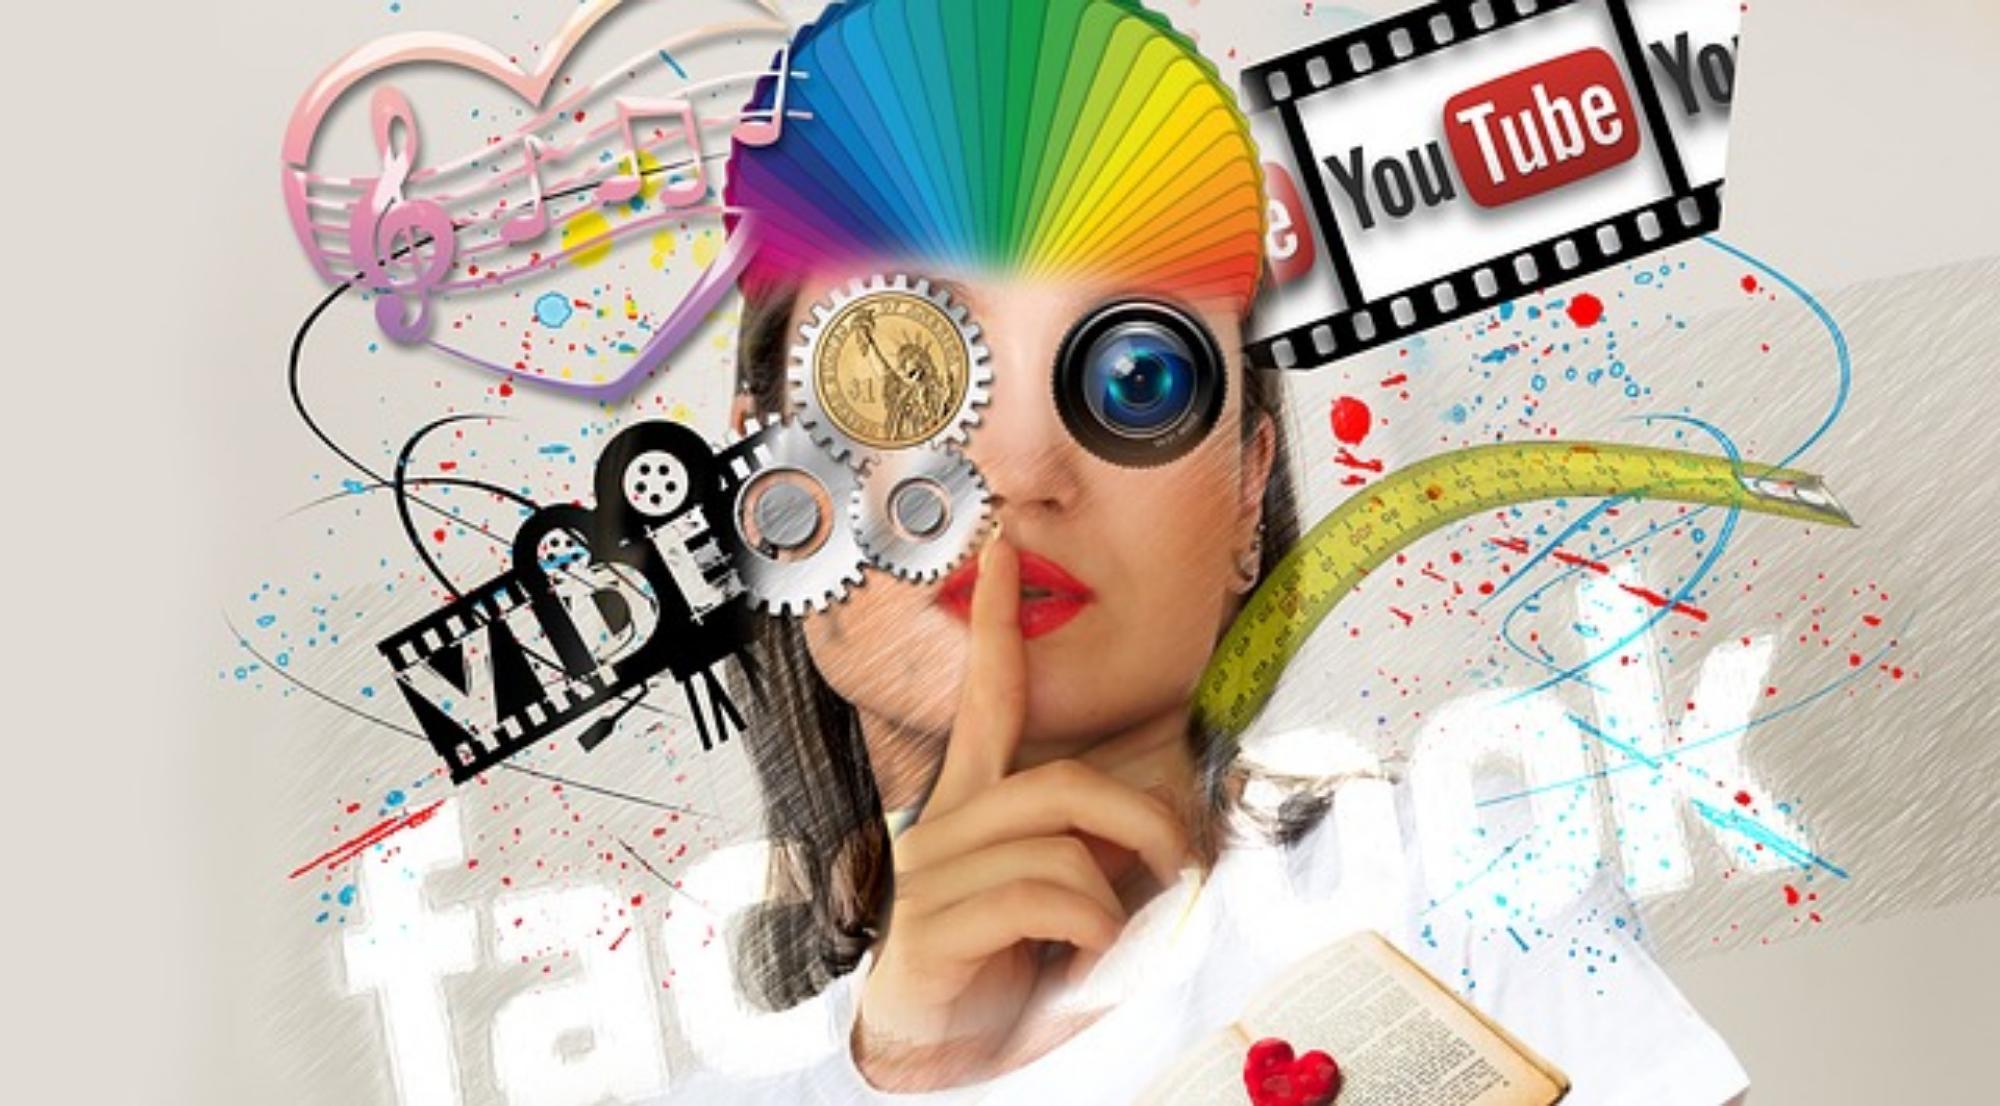 Zawód: influencer. Osobistości internetowe we współczesnym marketingu